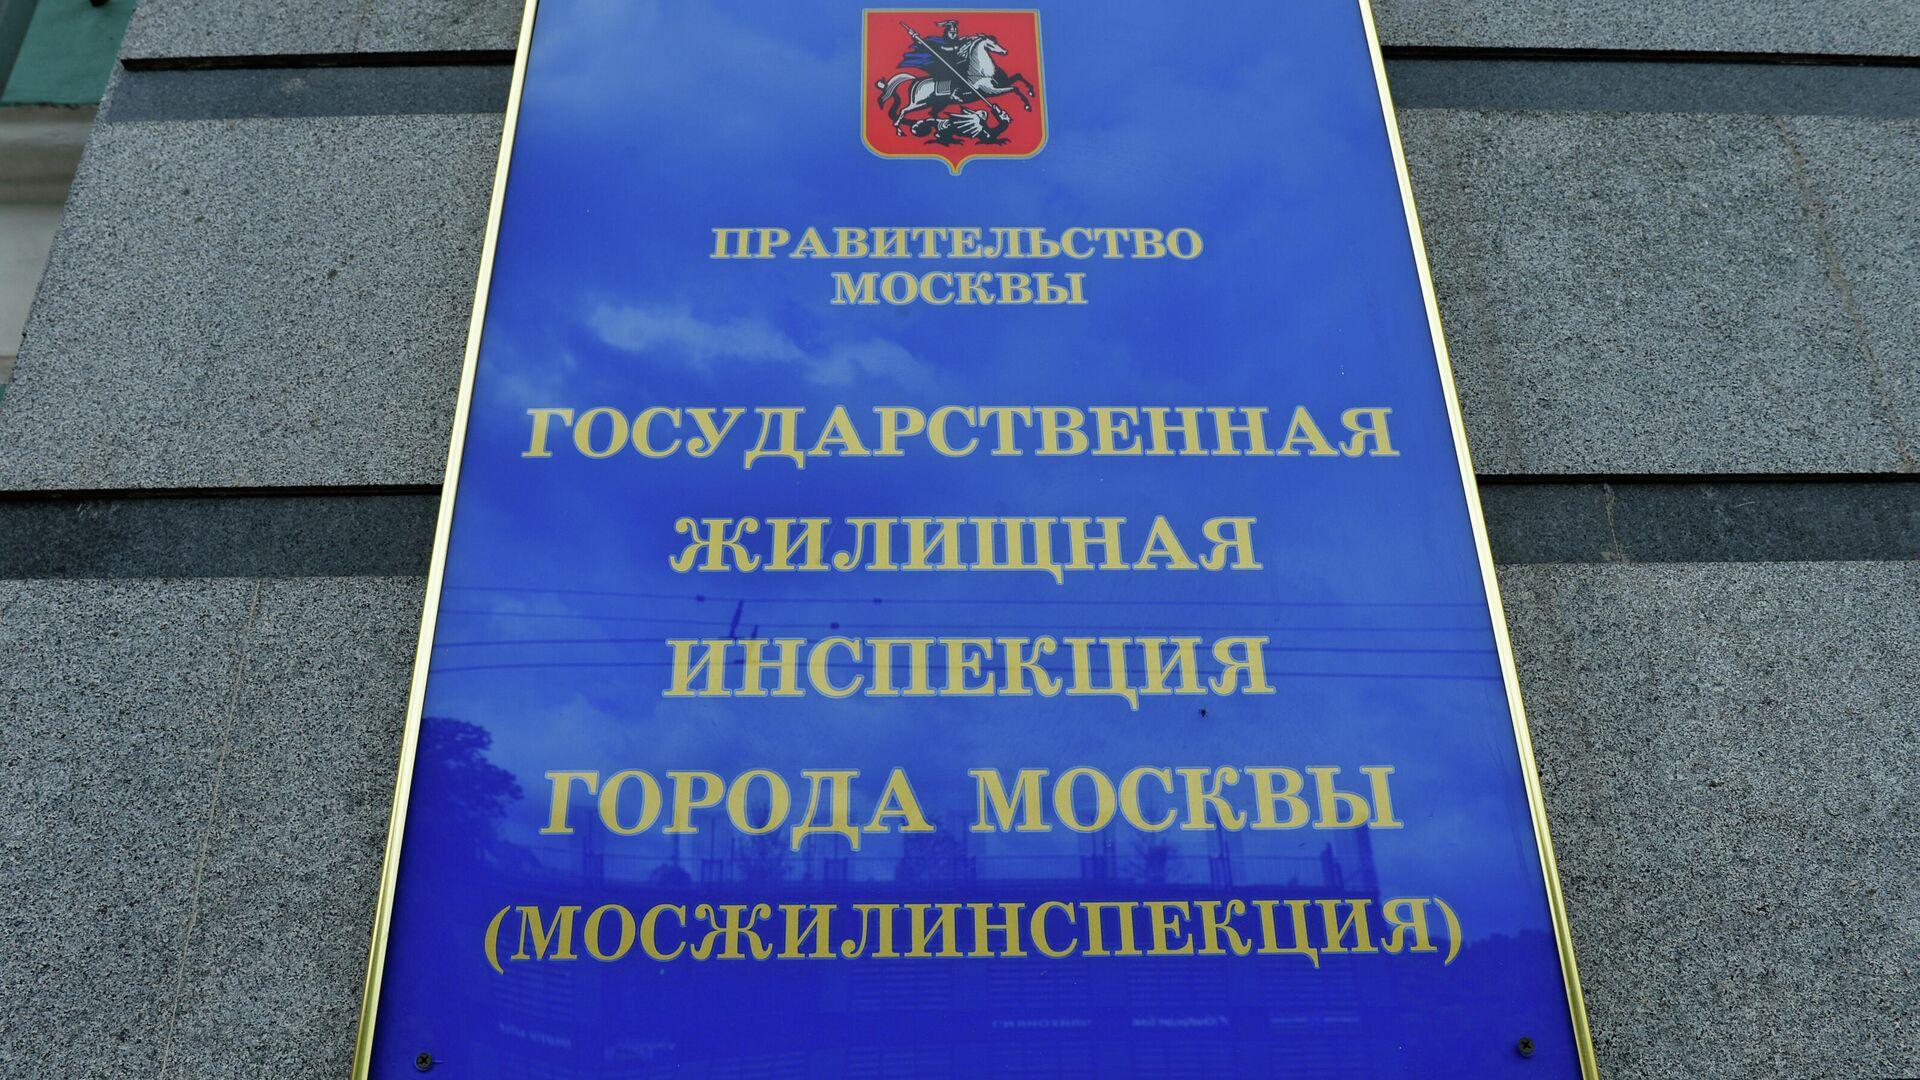 Мосжилинспекция - РИА Новости, 1920, 20.04.2021